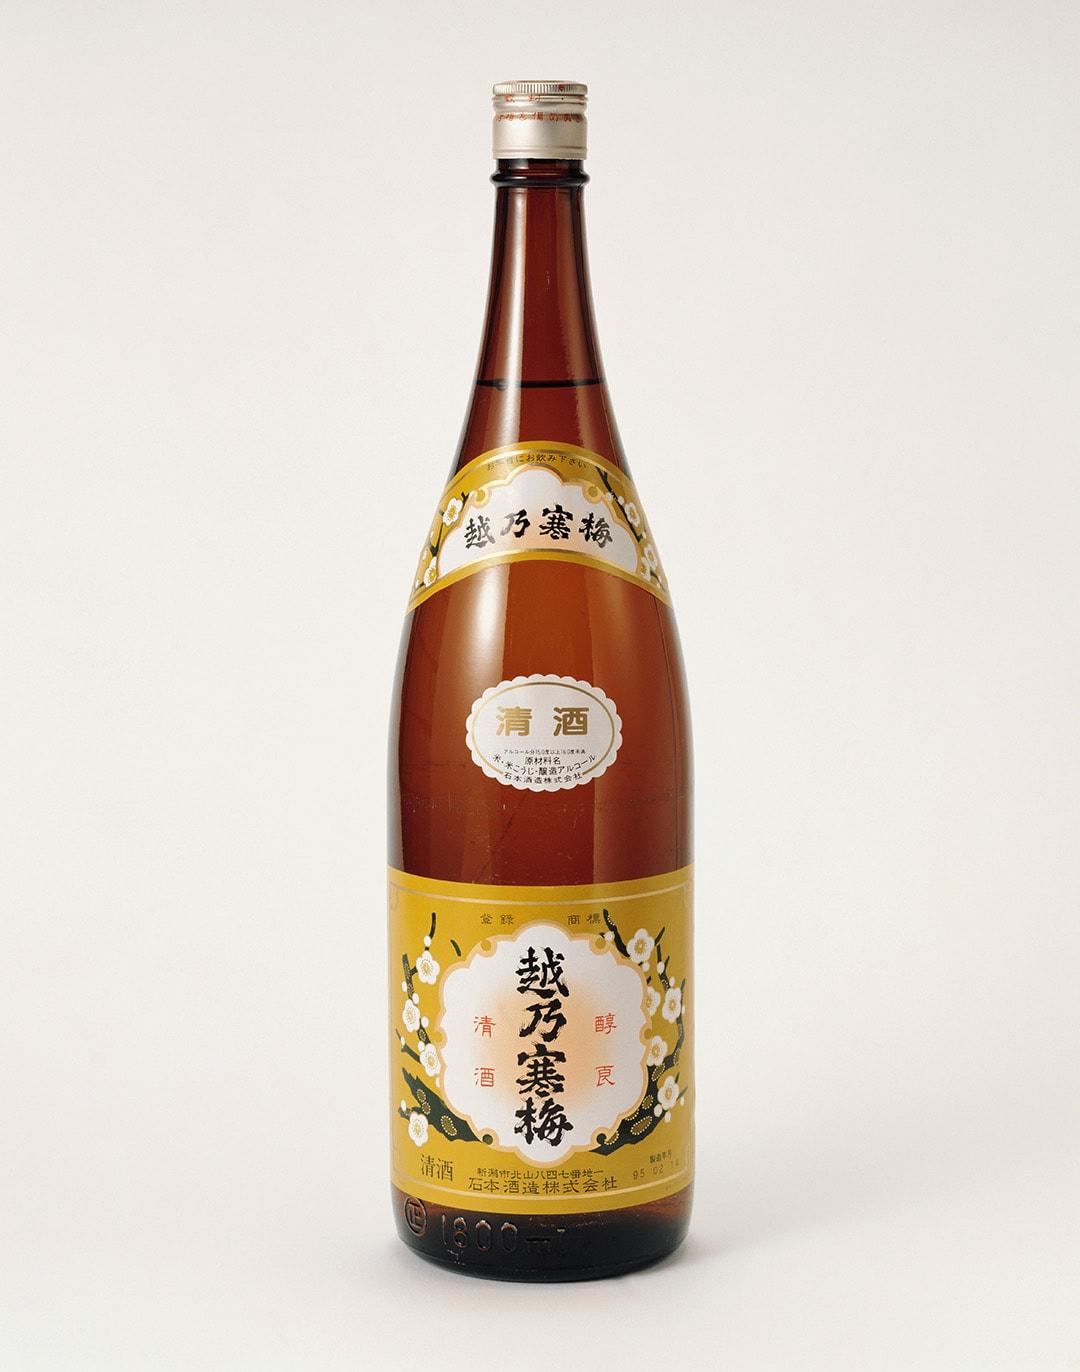 日本有数の米どころ=酒どころ、新潟県